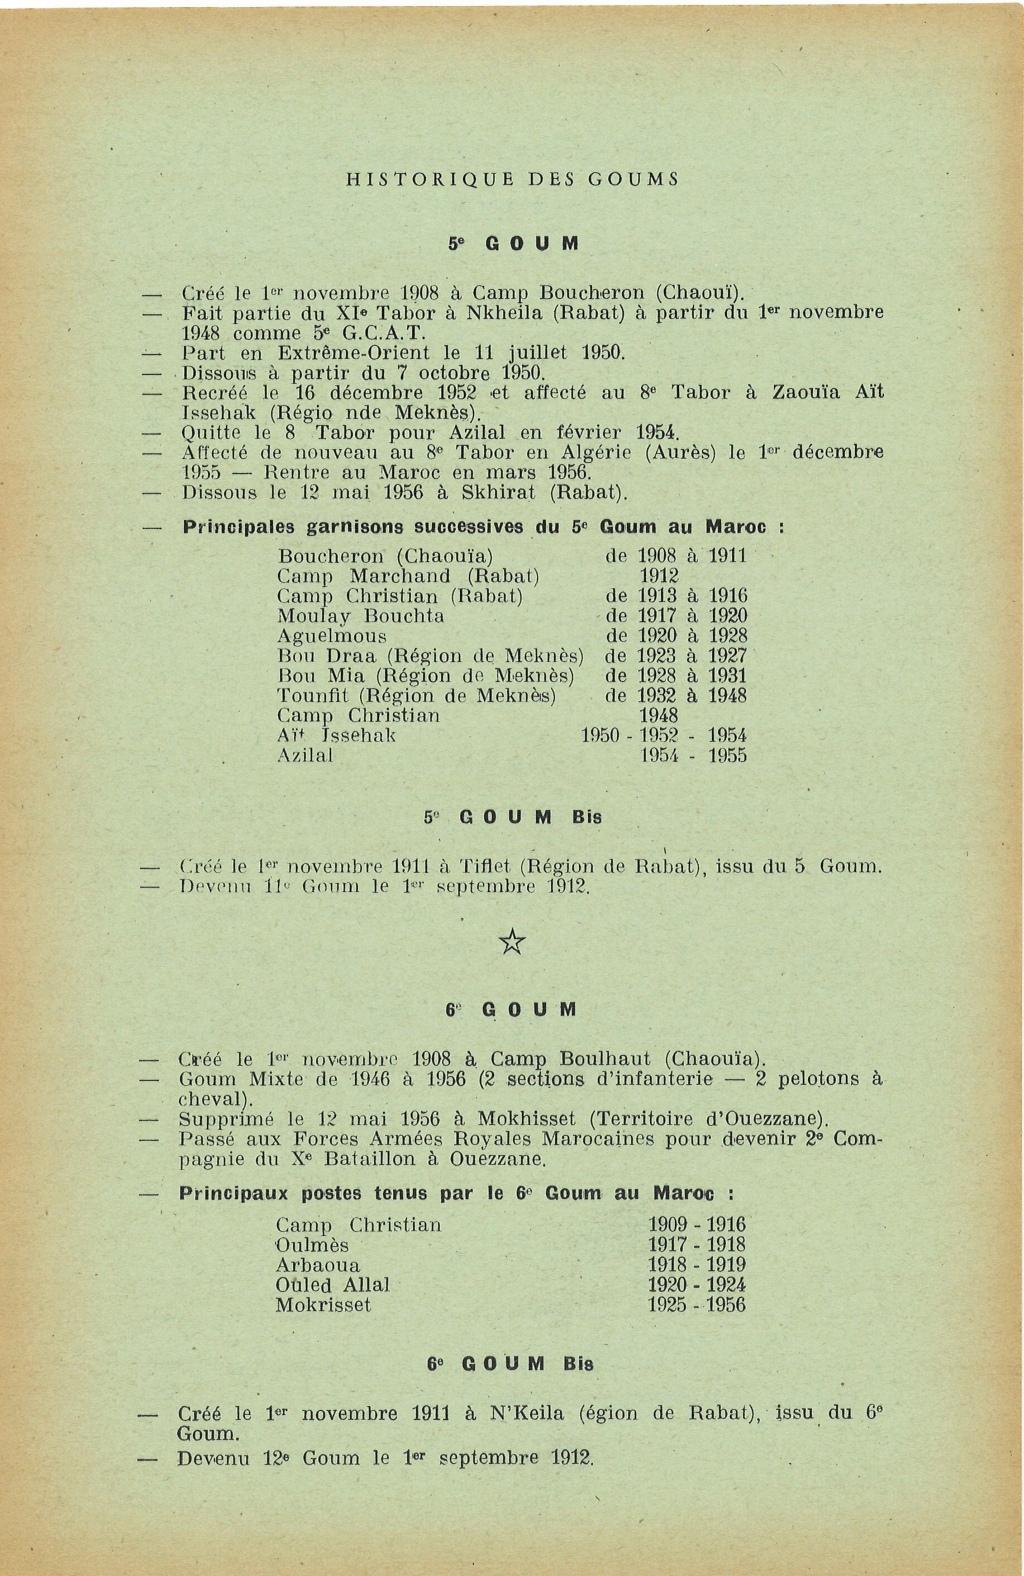 12 mai 1956 - Dissolution des Goumiers & integration aux FAR La_kou13